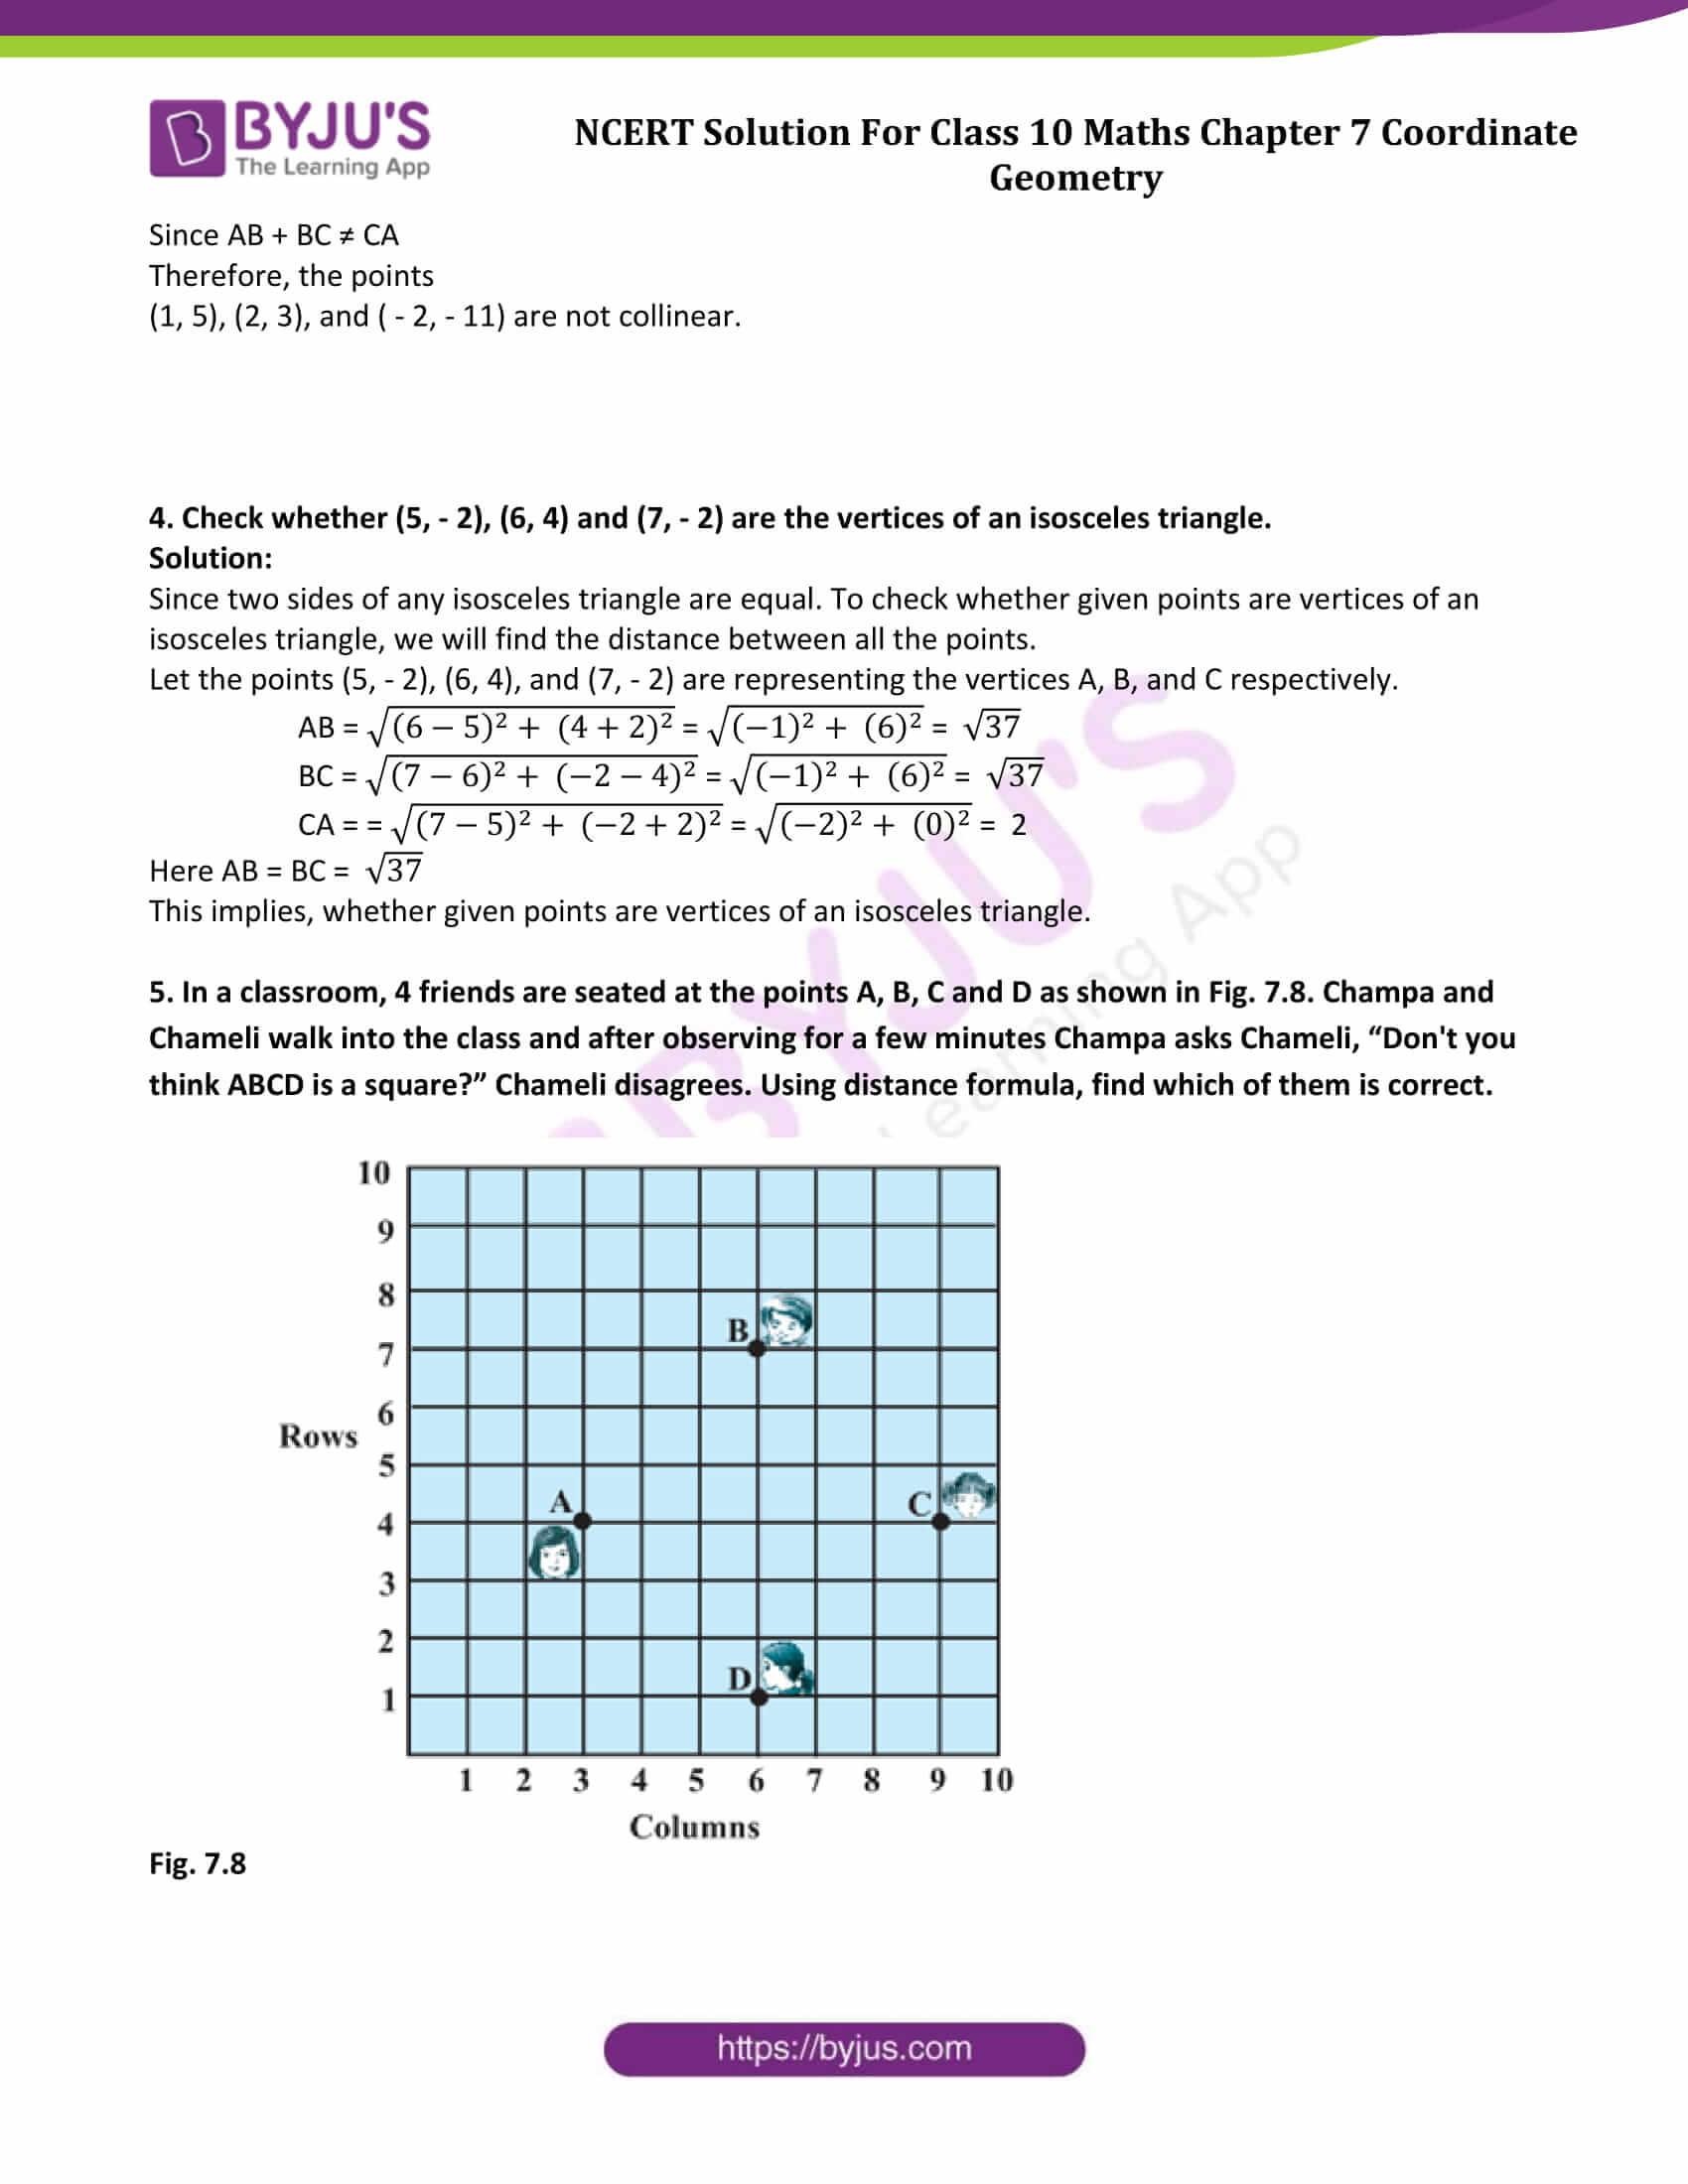 NCERT Solutions Class 10 Maths Chapter 7 Coordinate Geometry